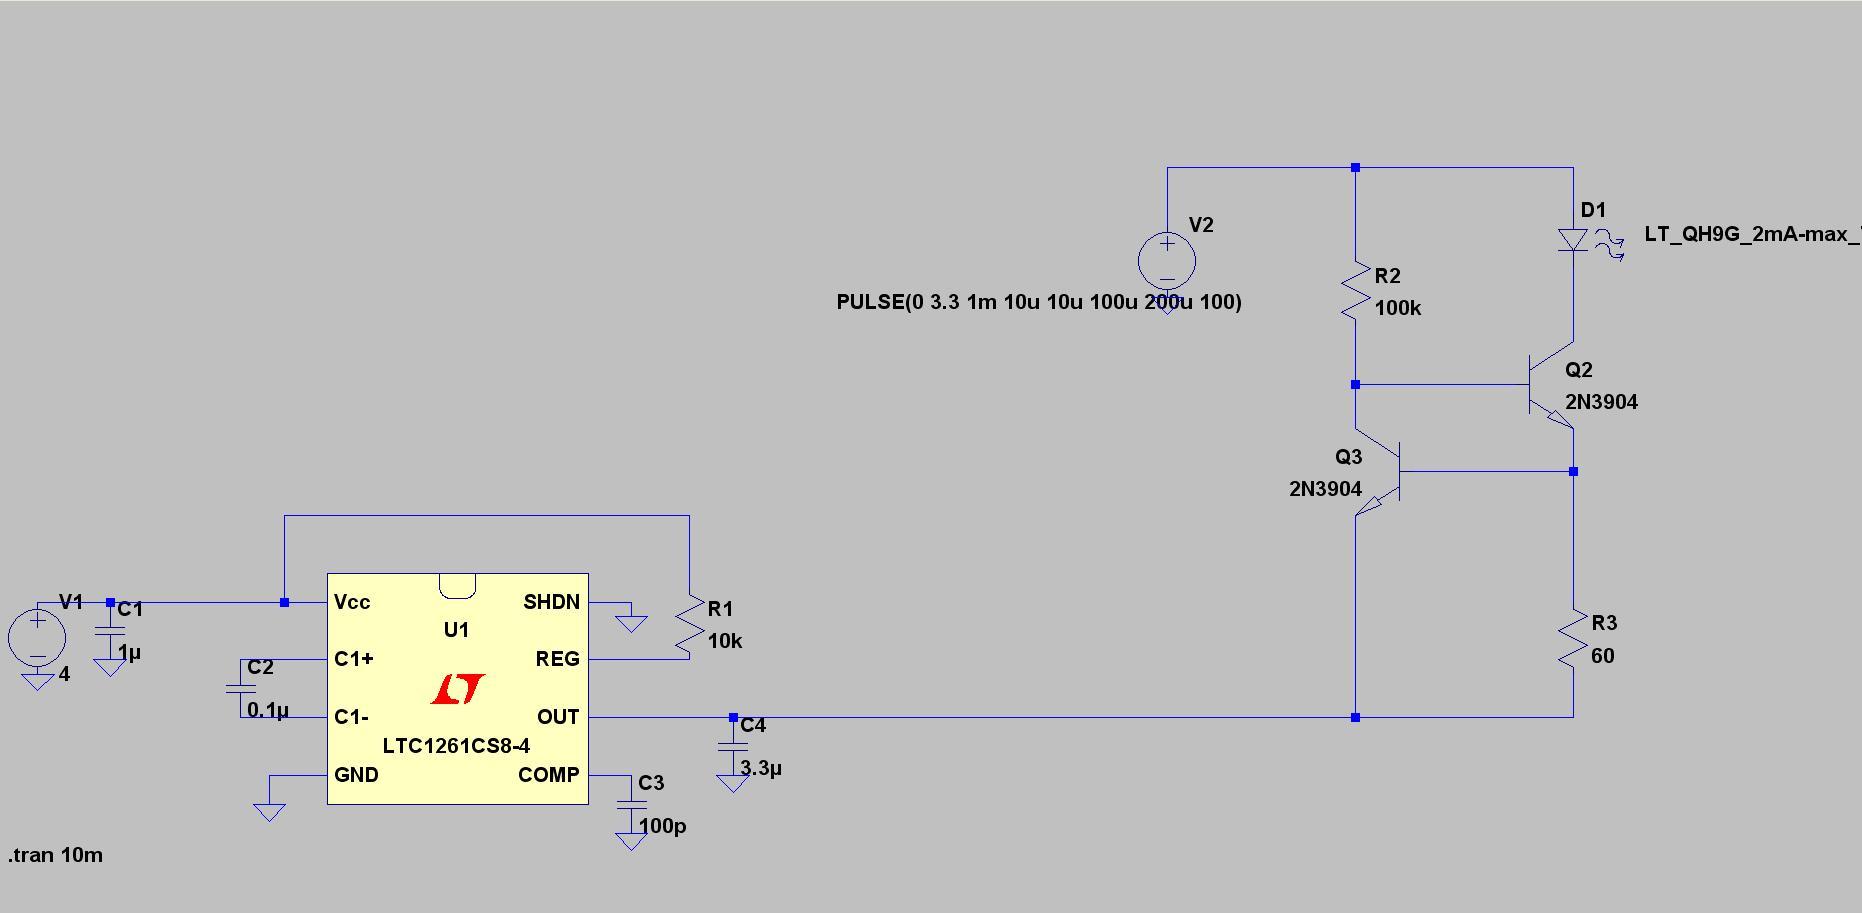 Led Dimming Mit Stromspiegel Und Uc Konstantstromquelle Fuer Power Mikrocontrollernet Preview Image For Invertvoltage